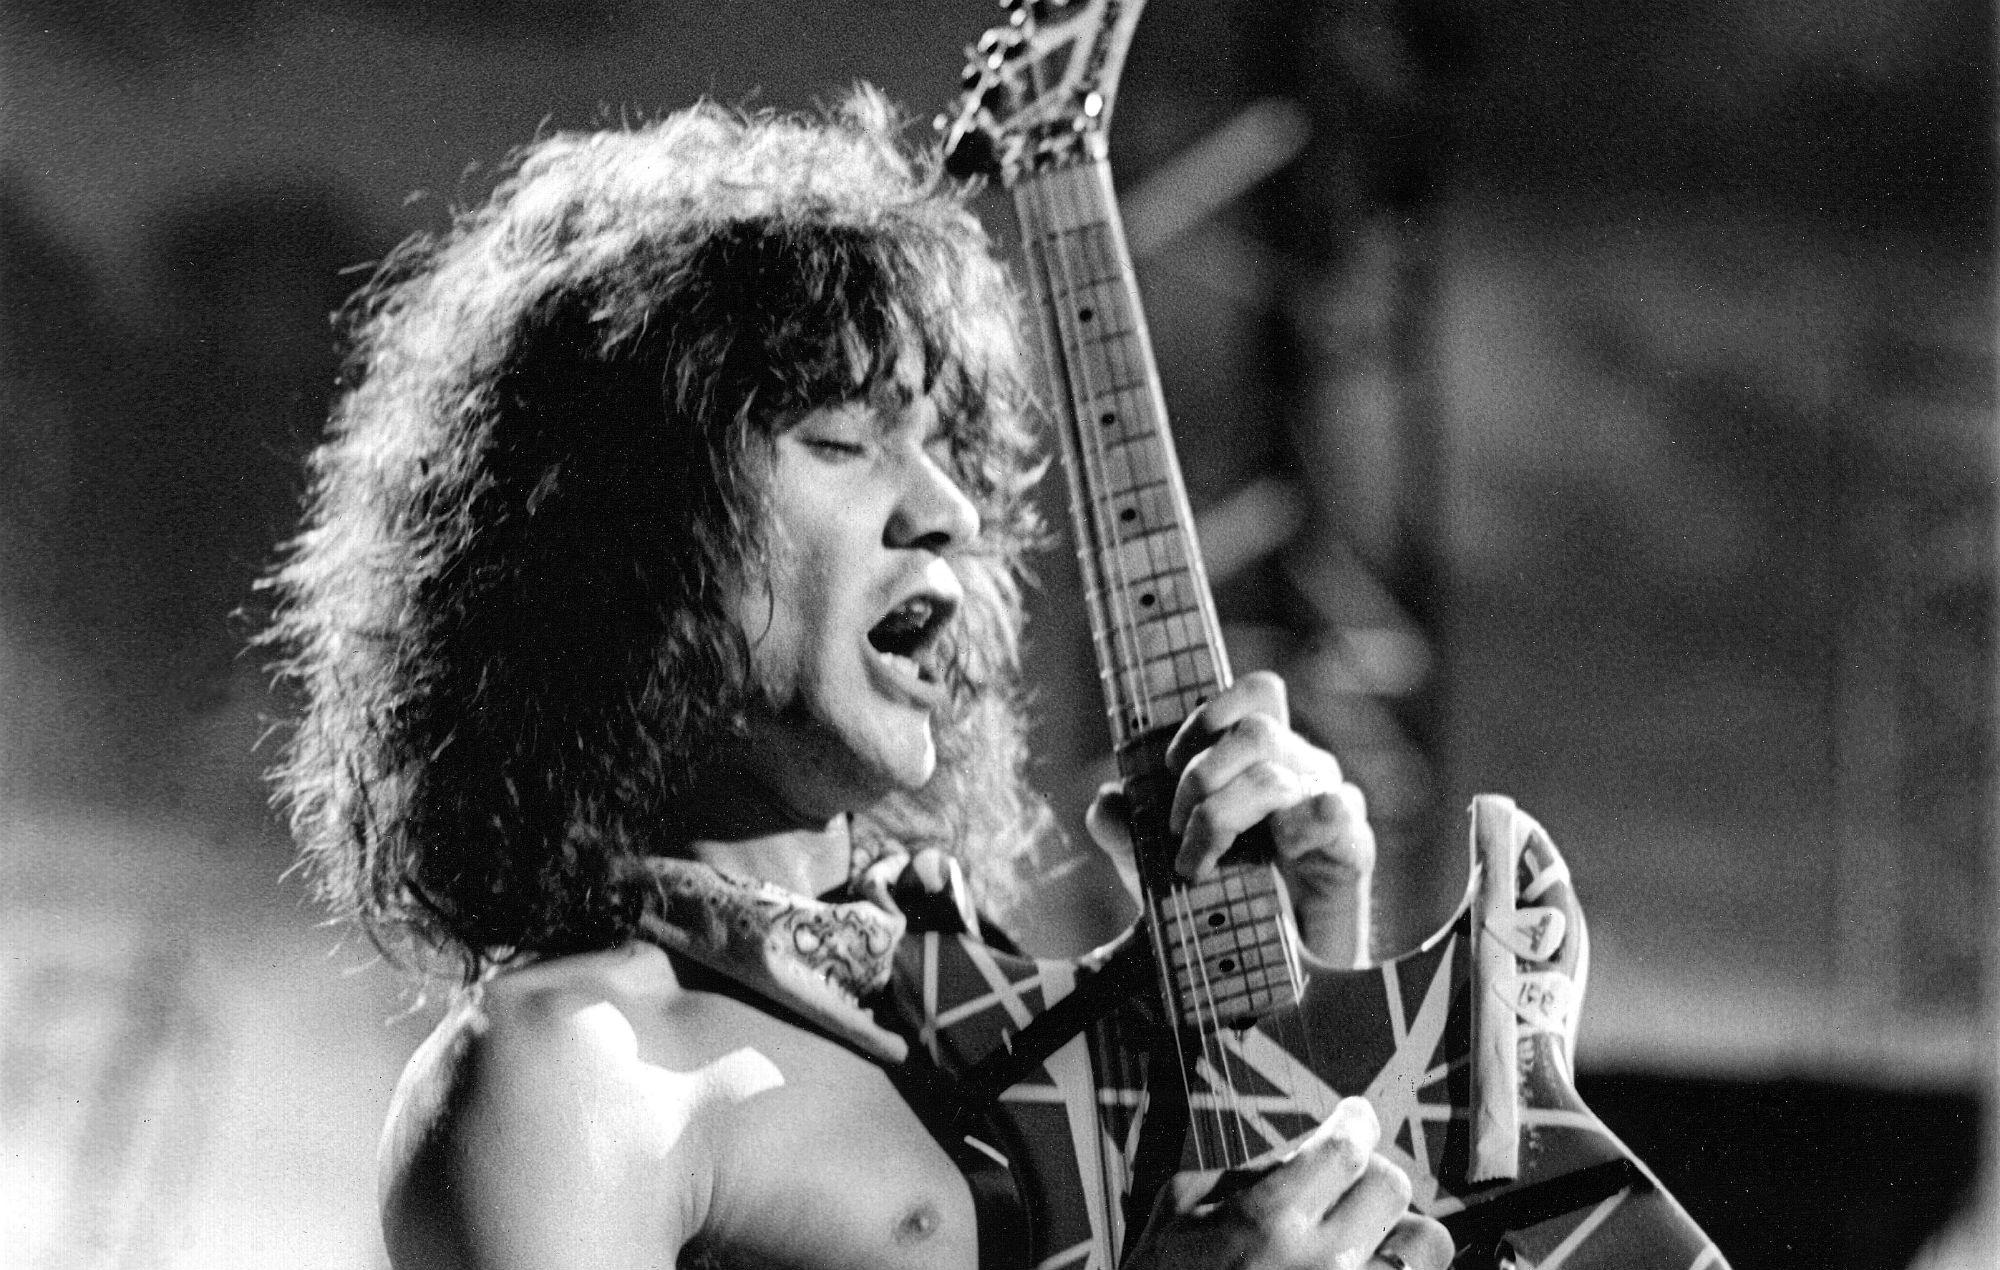 Eddie Van Halen memorial planned in Pasadena to honour late musician